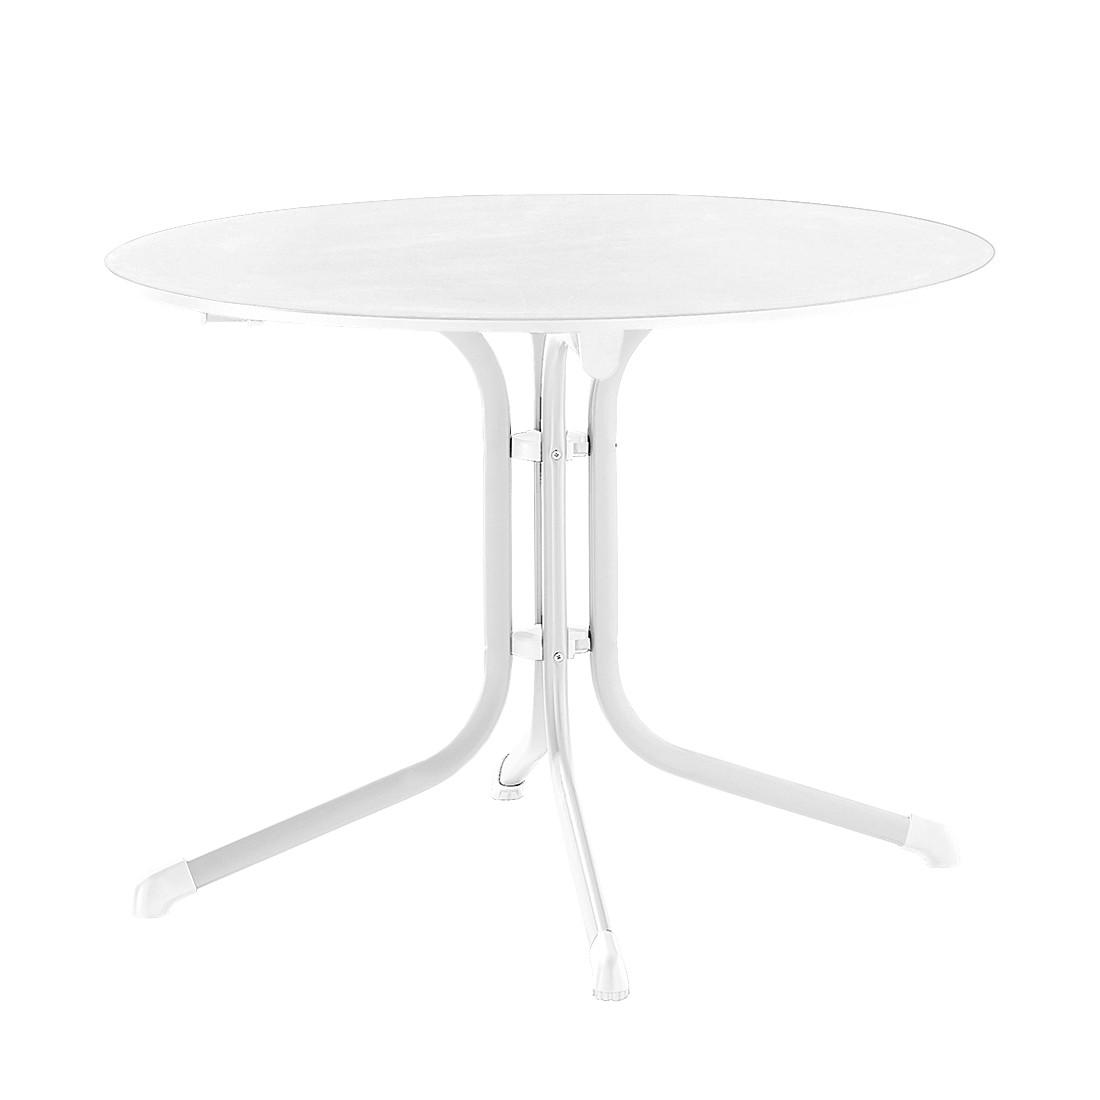 Klapptisch Luling - Weiß/Marmorweiß - 100 x 73 x 100 cm, Sieger